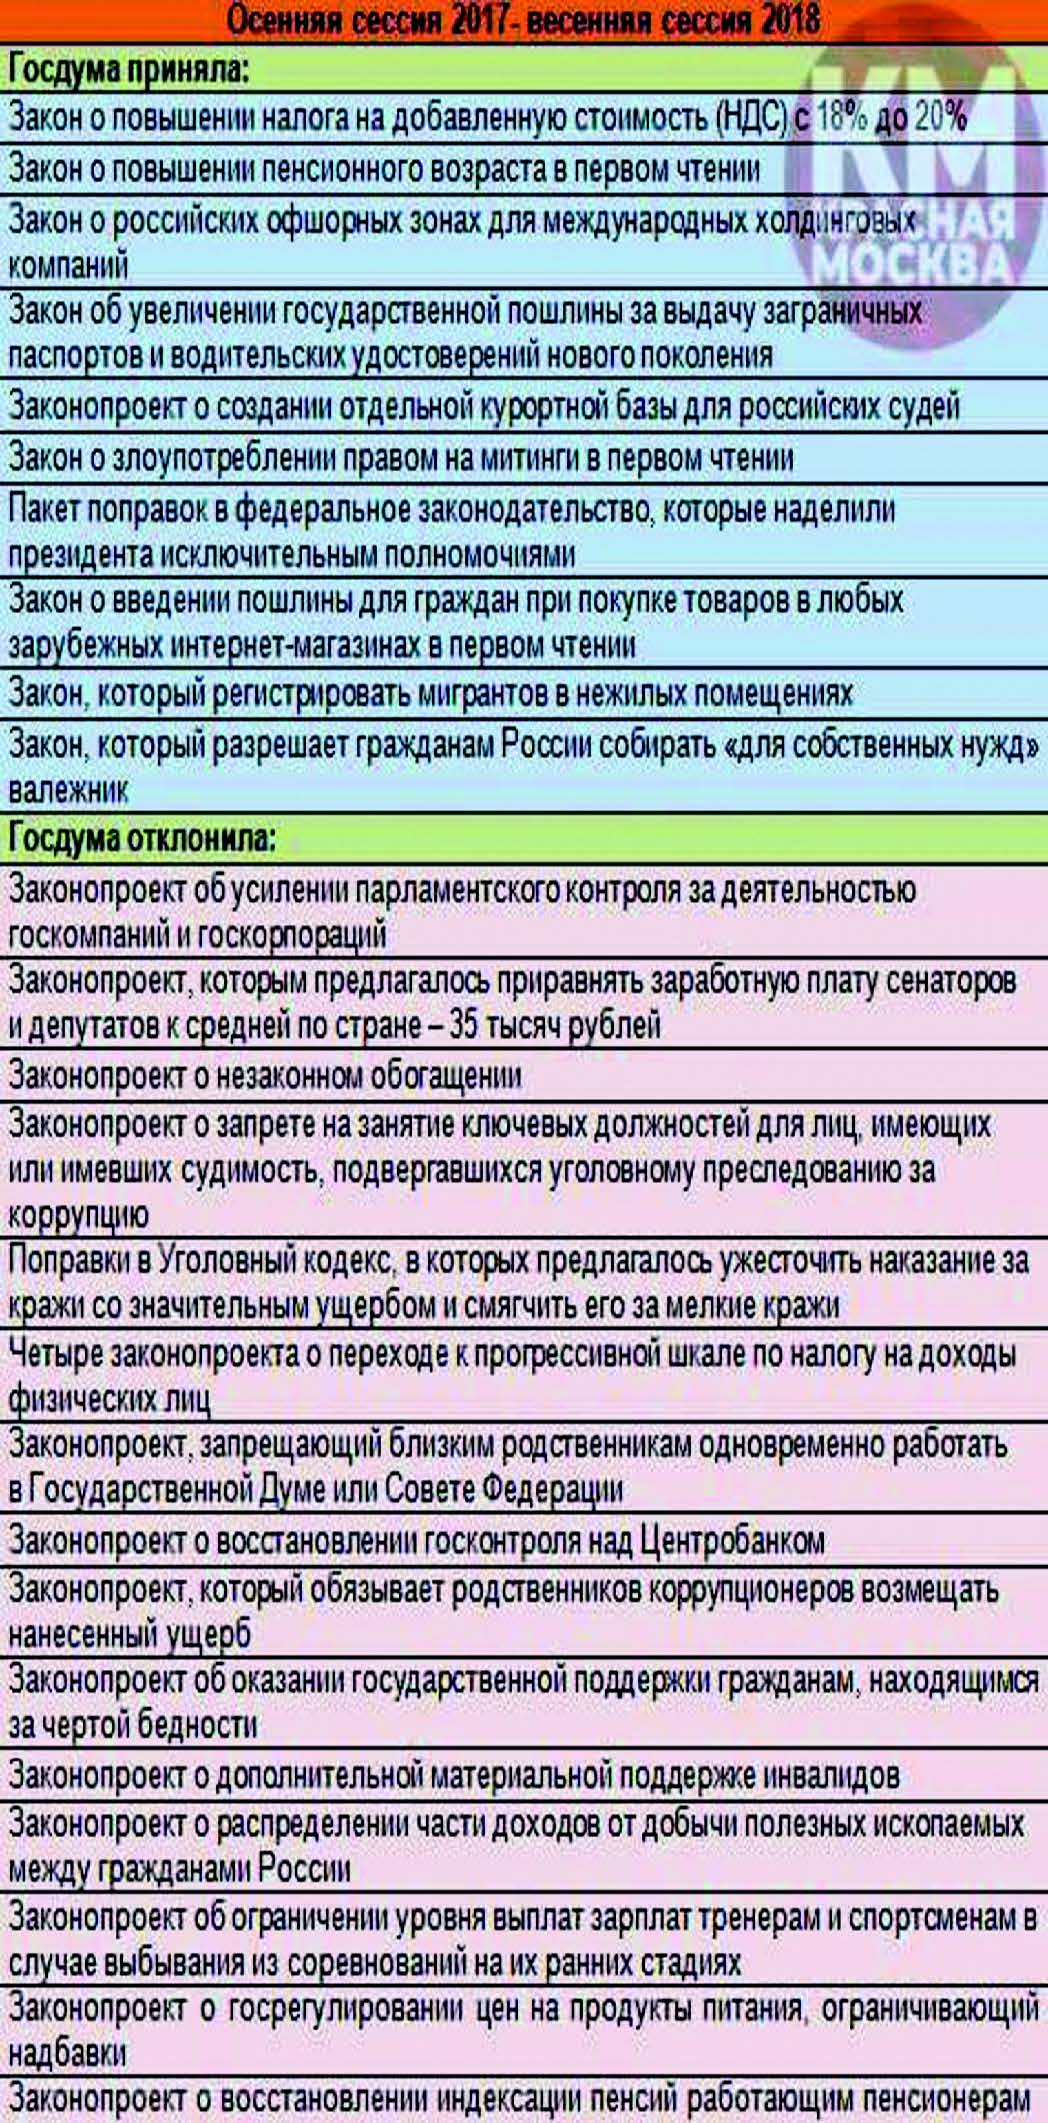 Итоги работы Госдумы за последний год